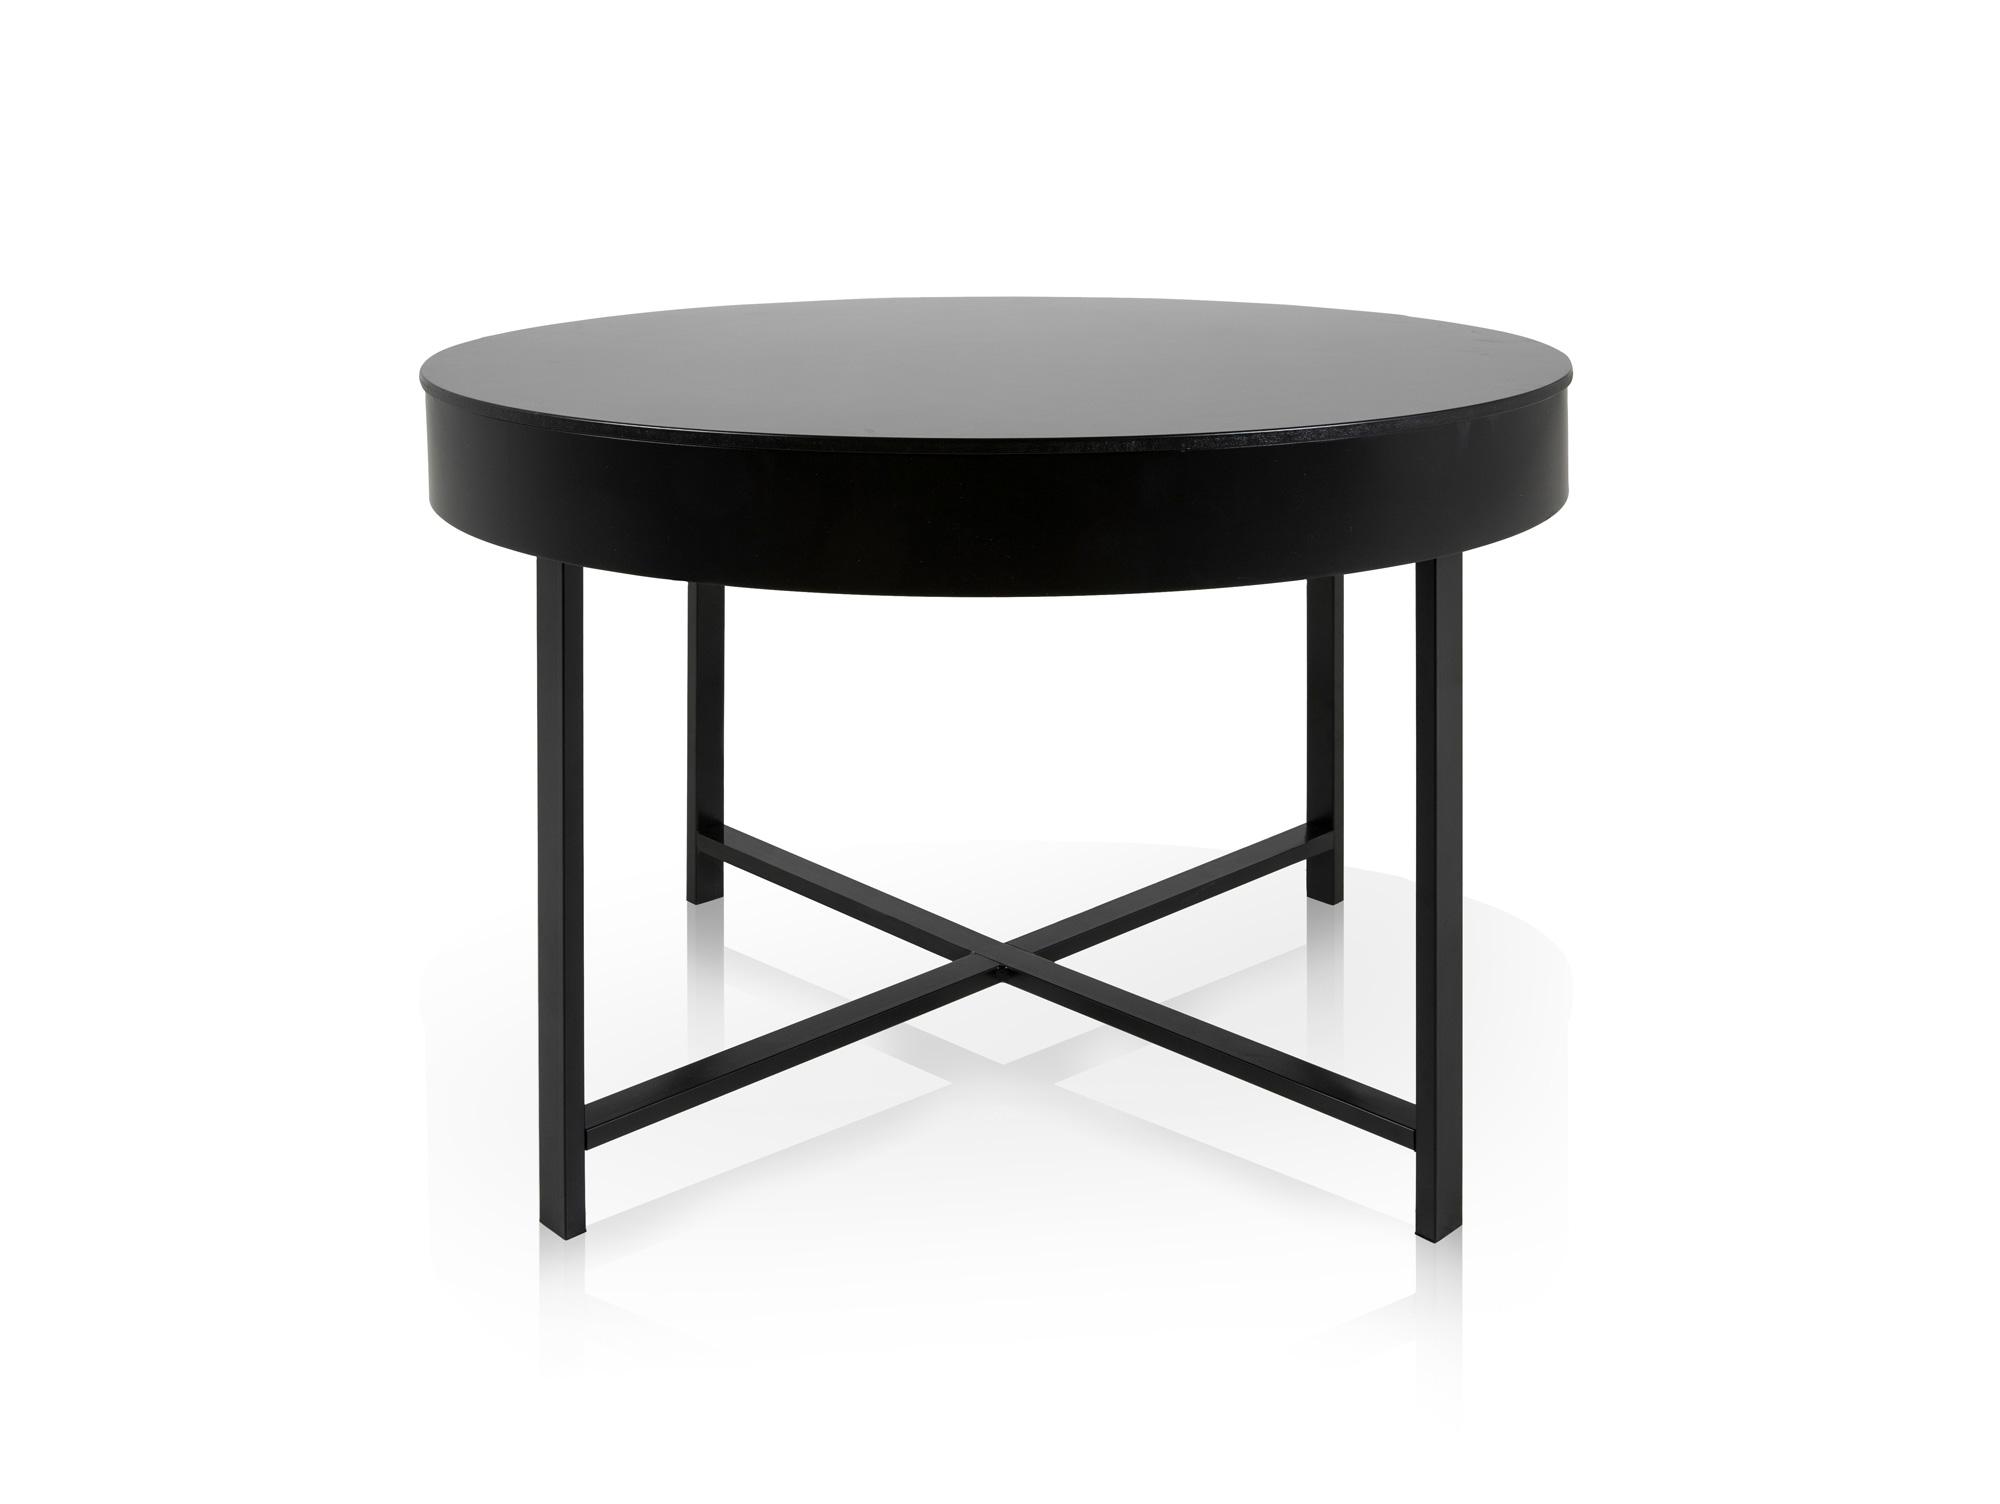 misty couchtisch durchmesser 70 cm schwarz. Black Bedroom Furniture Sets. Home Design Ideas